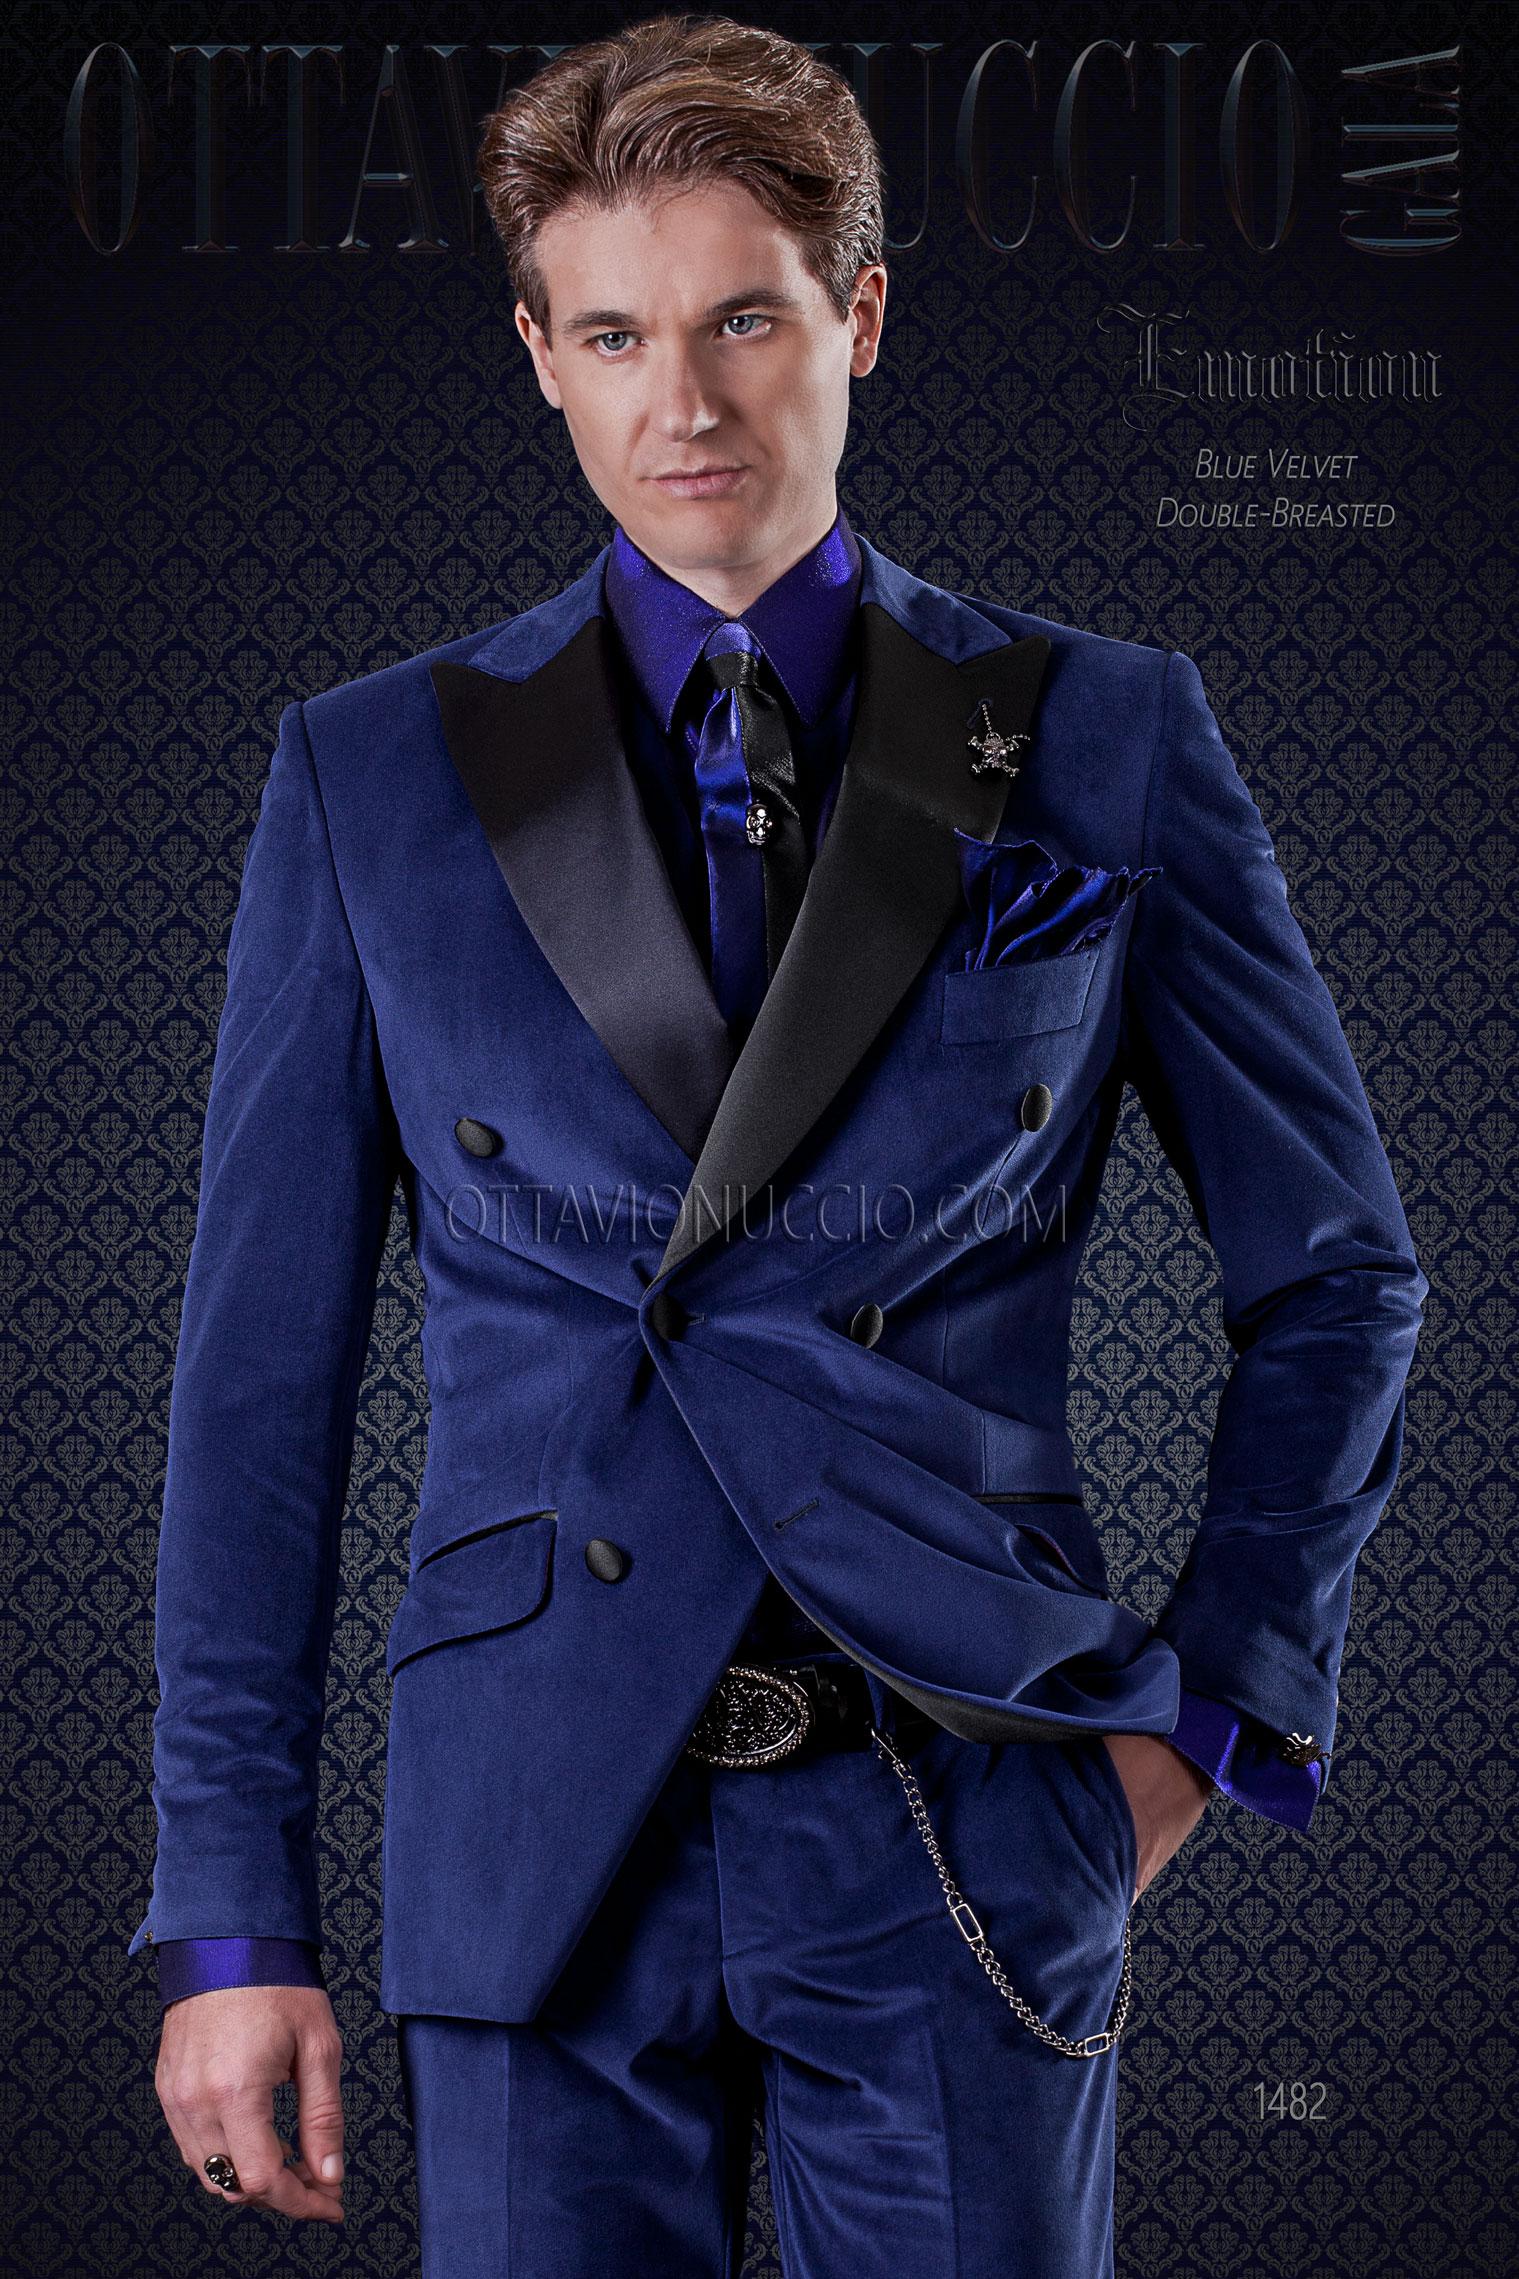 Italienische zweireihig Mode Anzug blau aus Samt mit Satin Revers